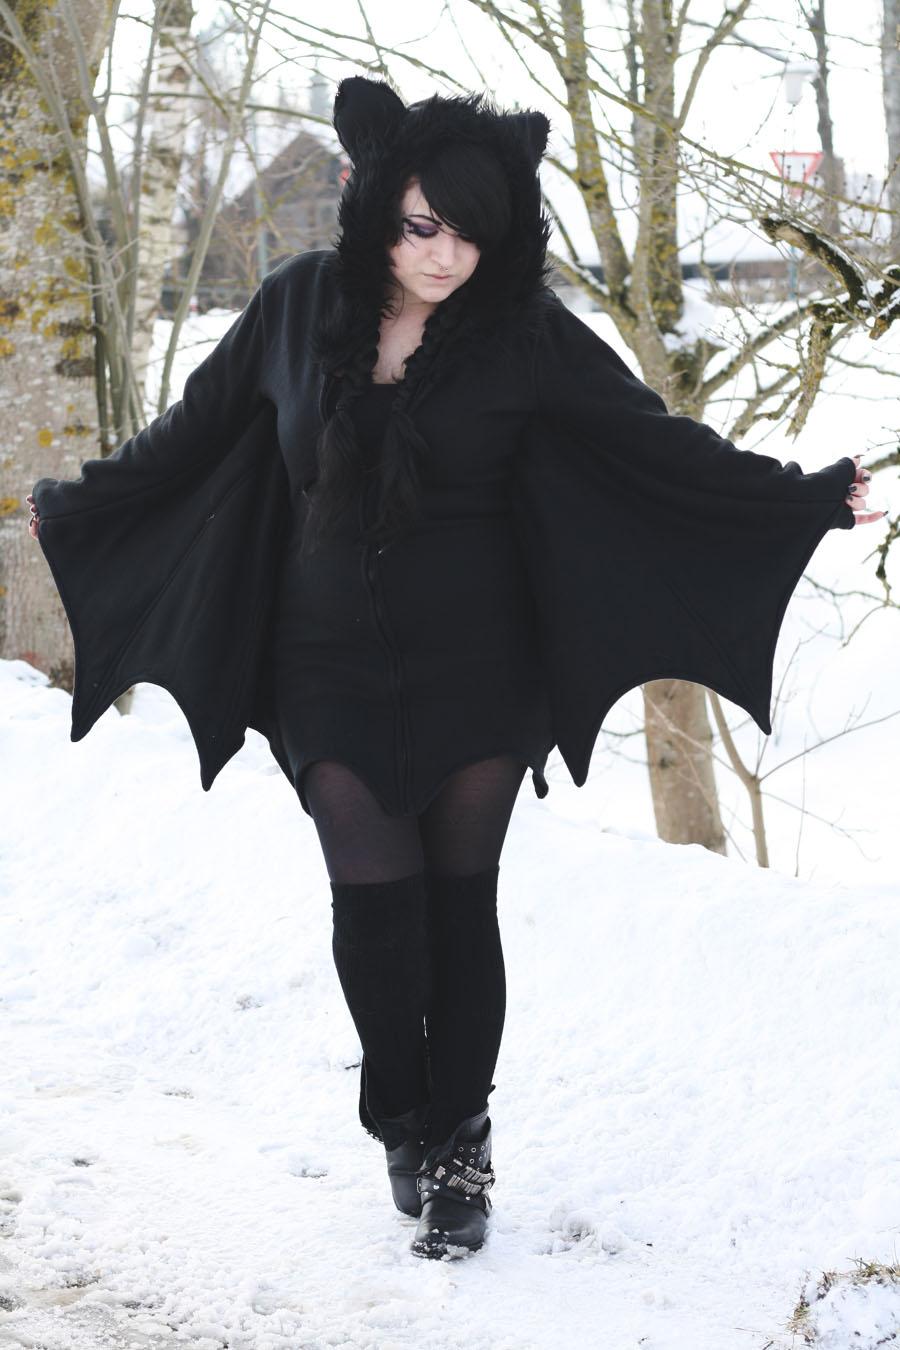 bat_06